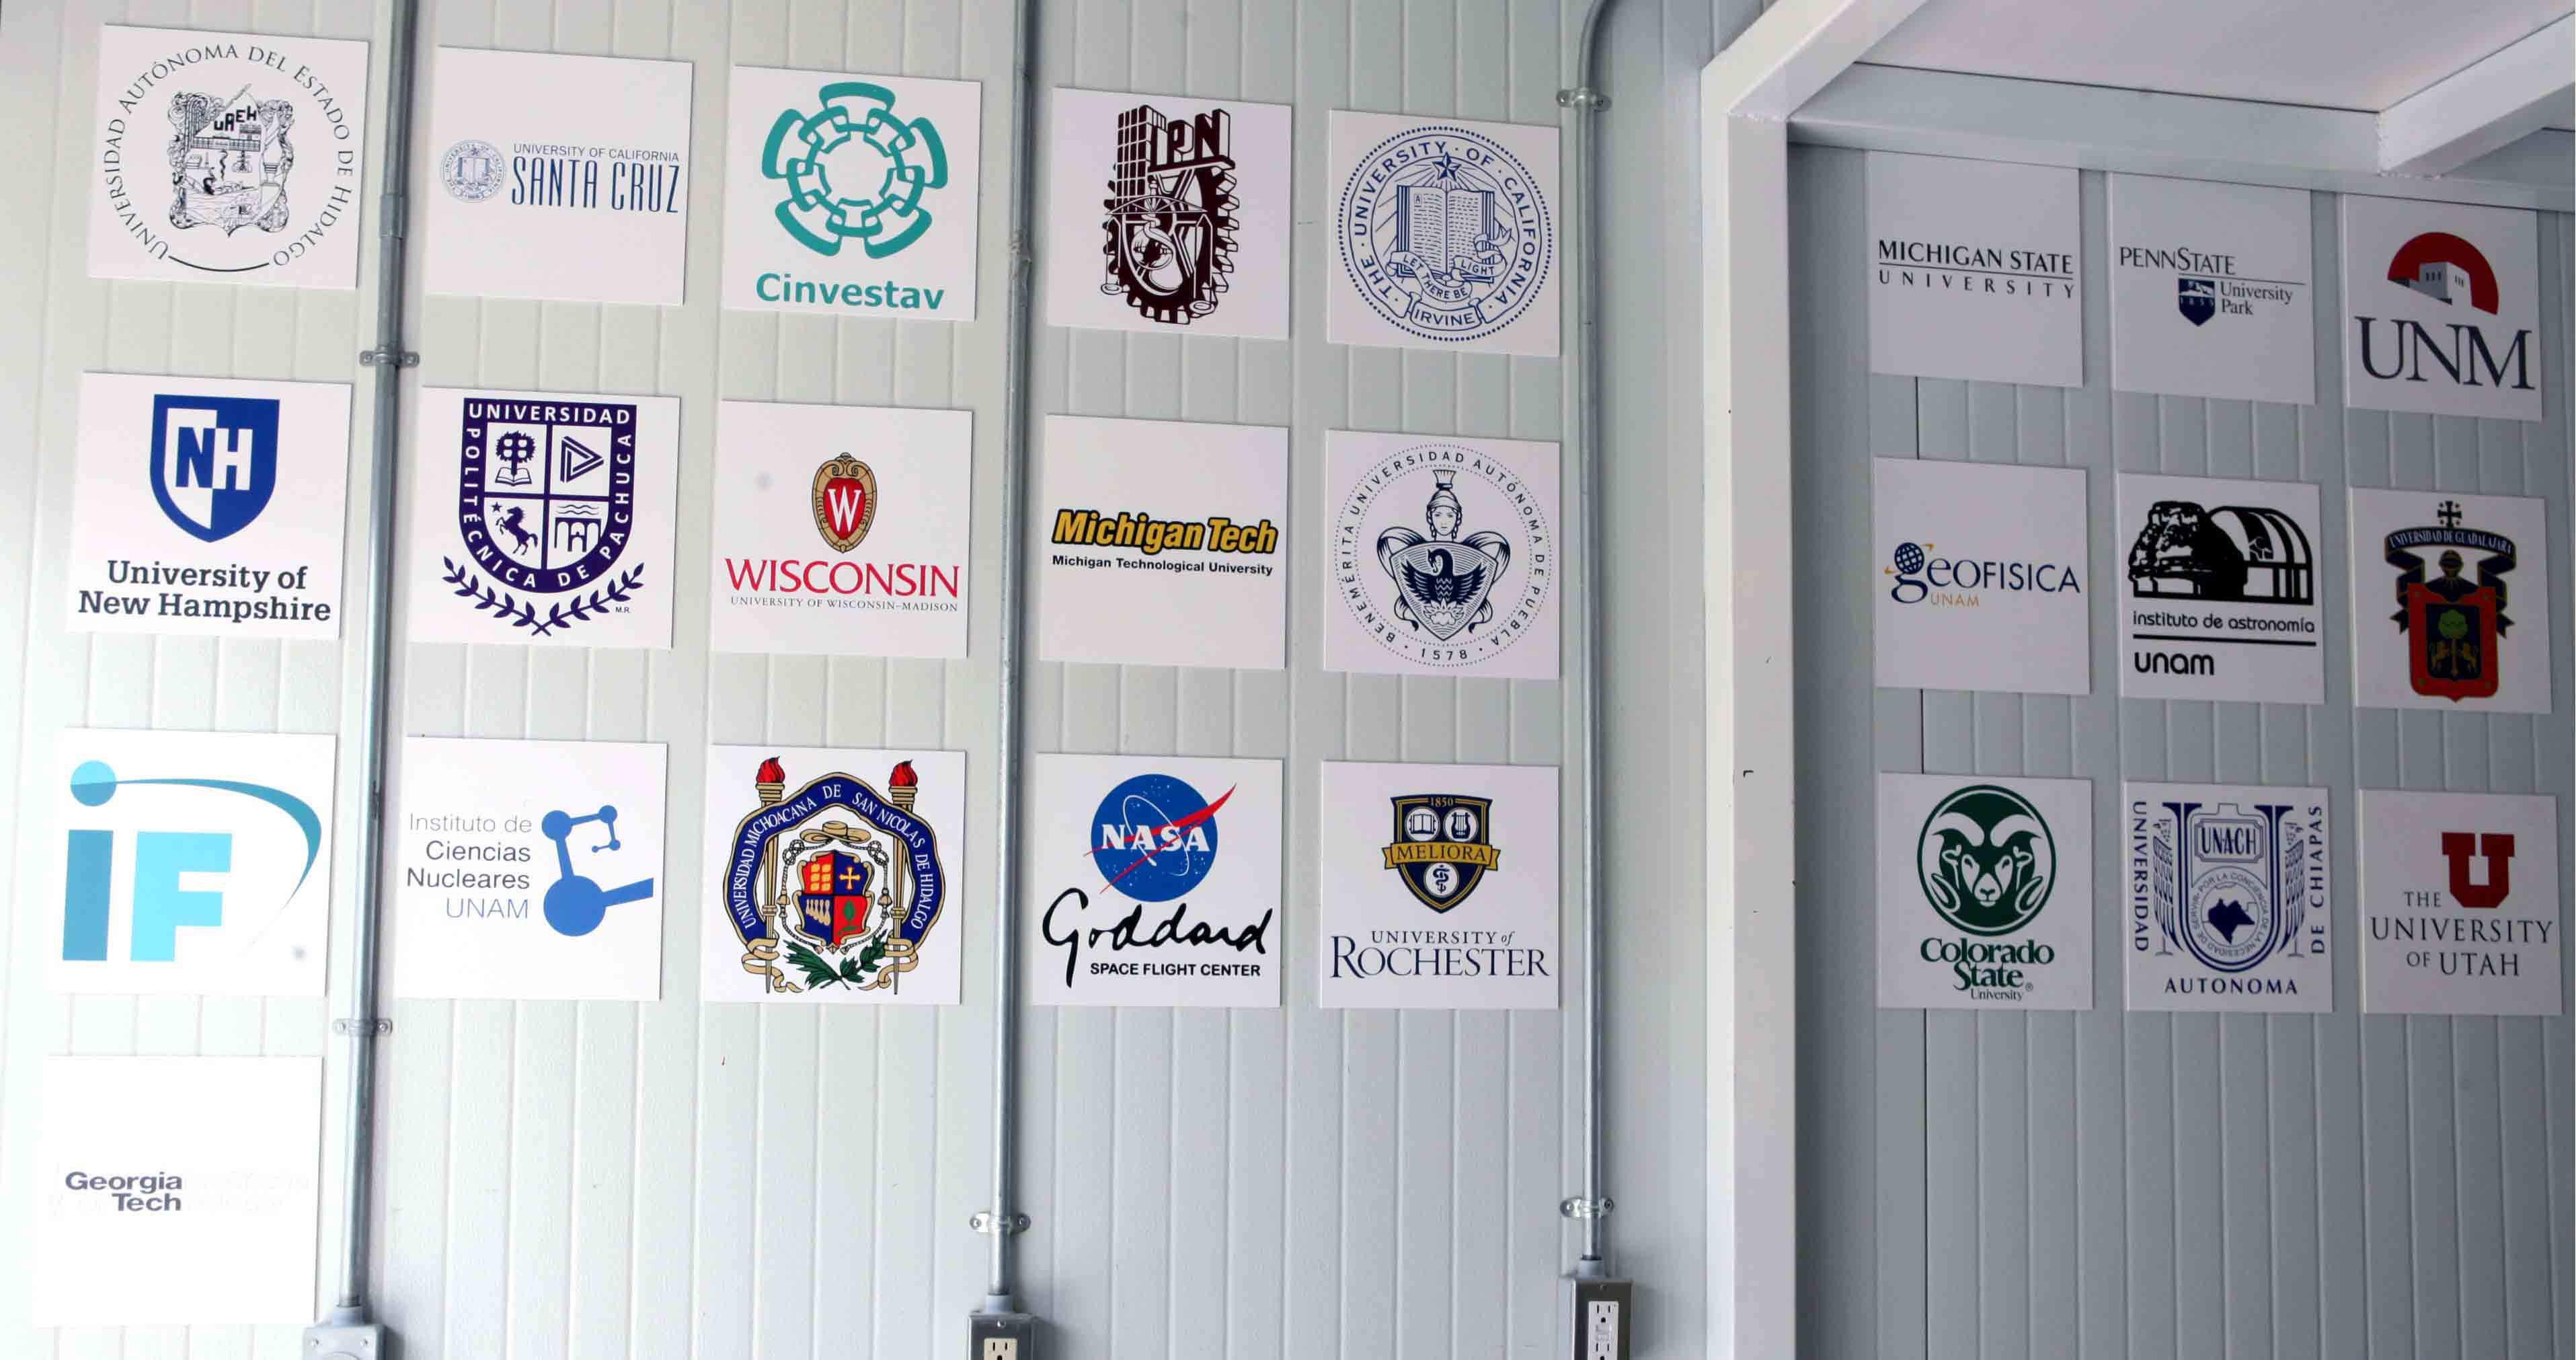 Muro que contiene el logotipo de las instituciones participantes